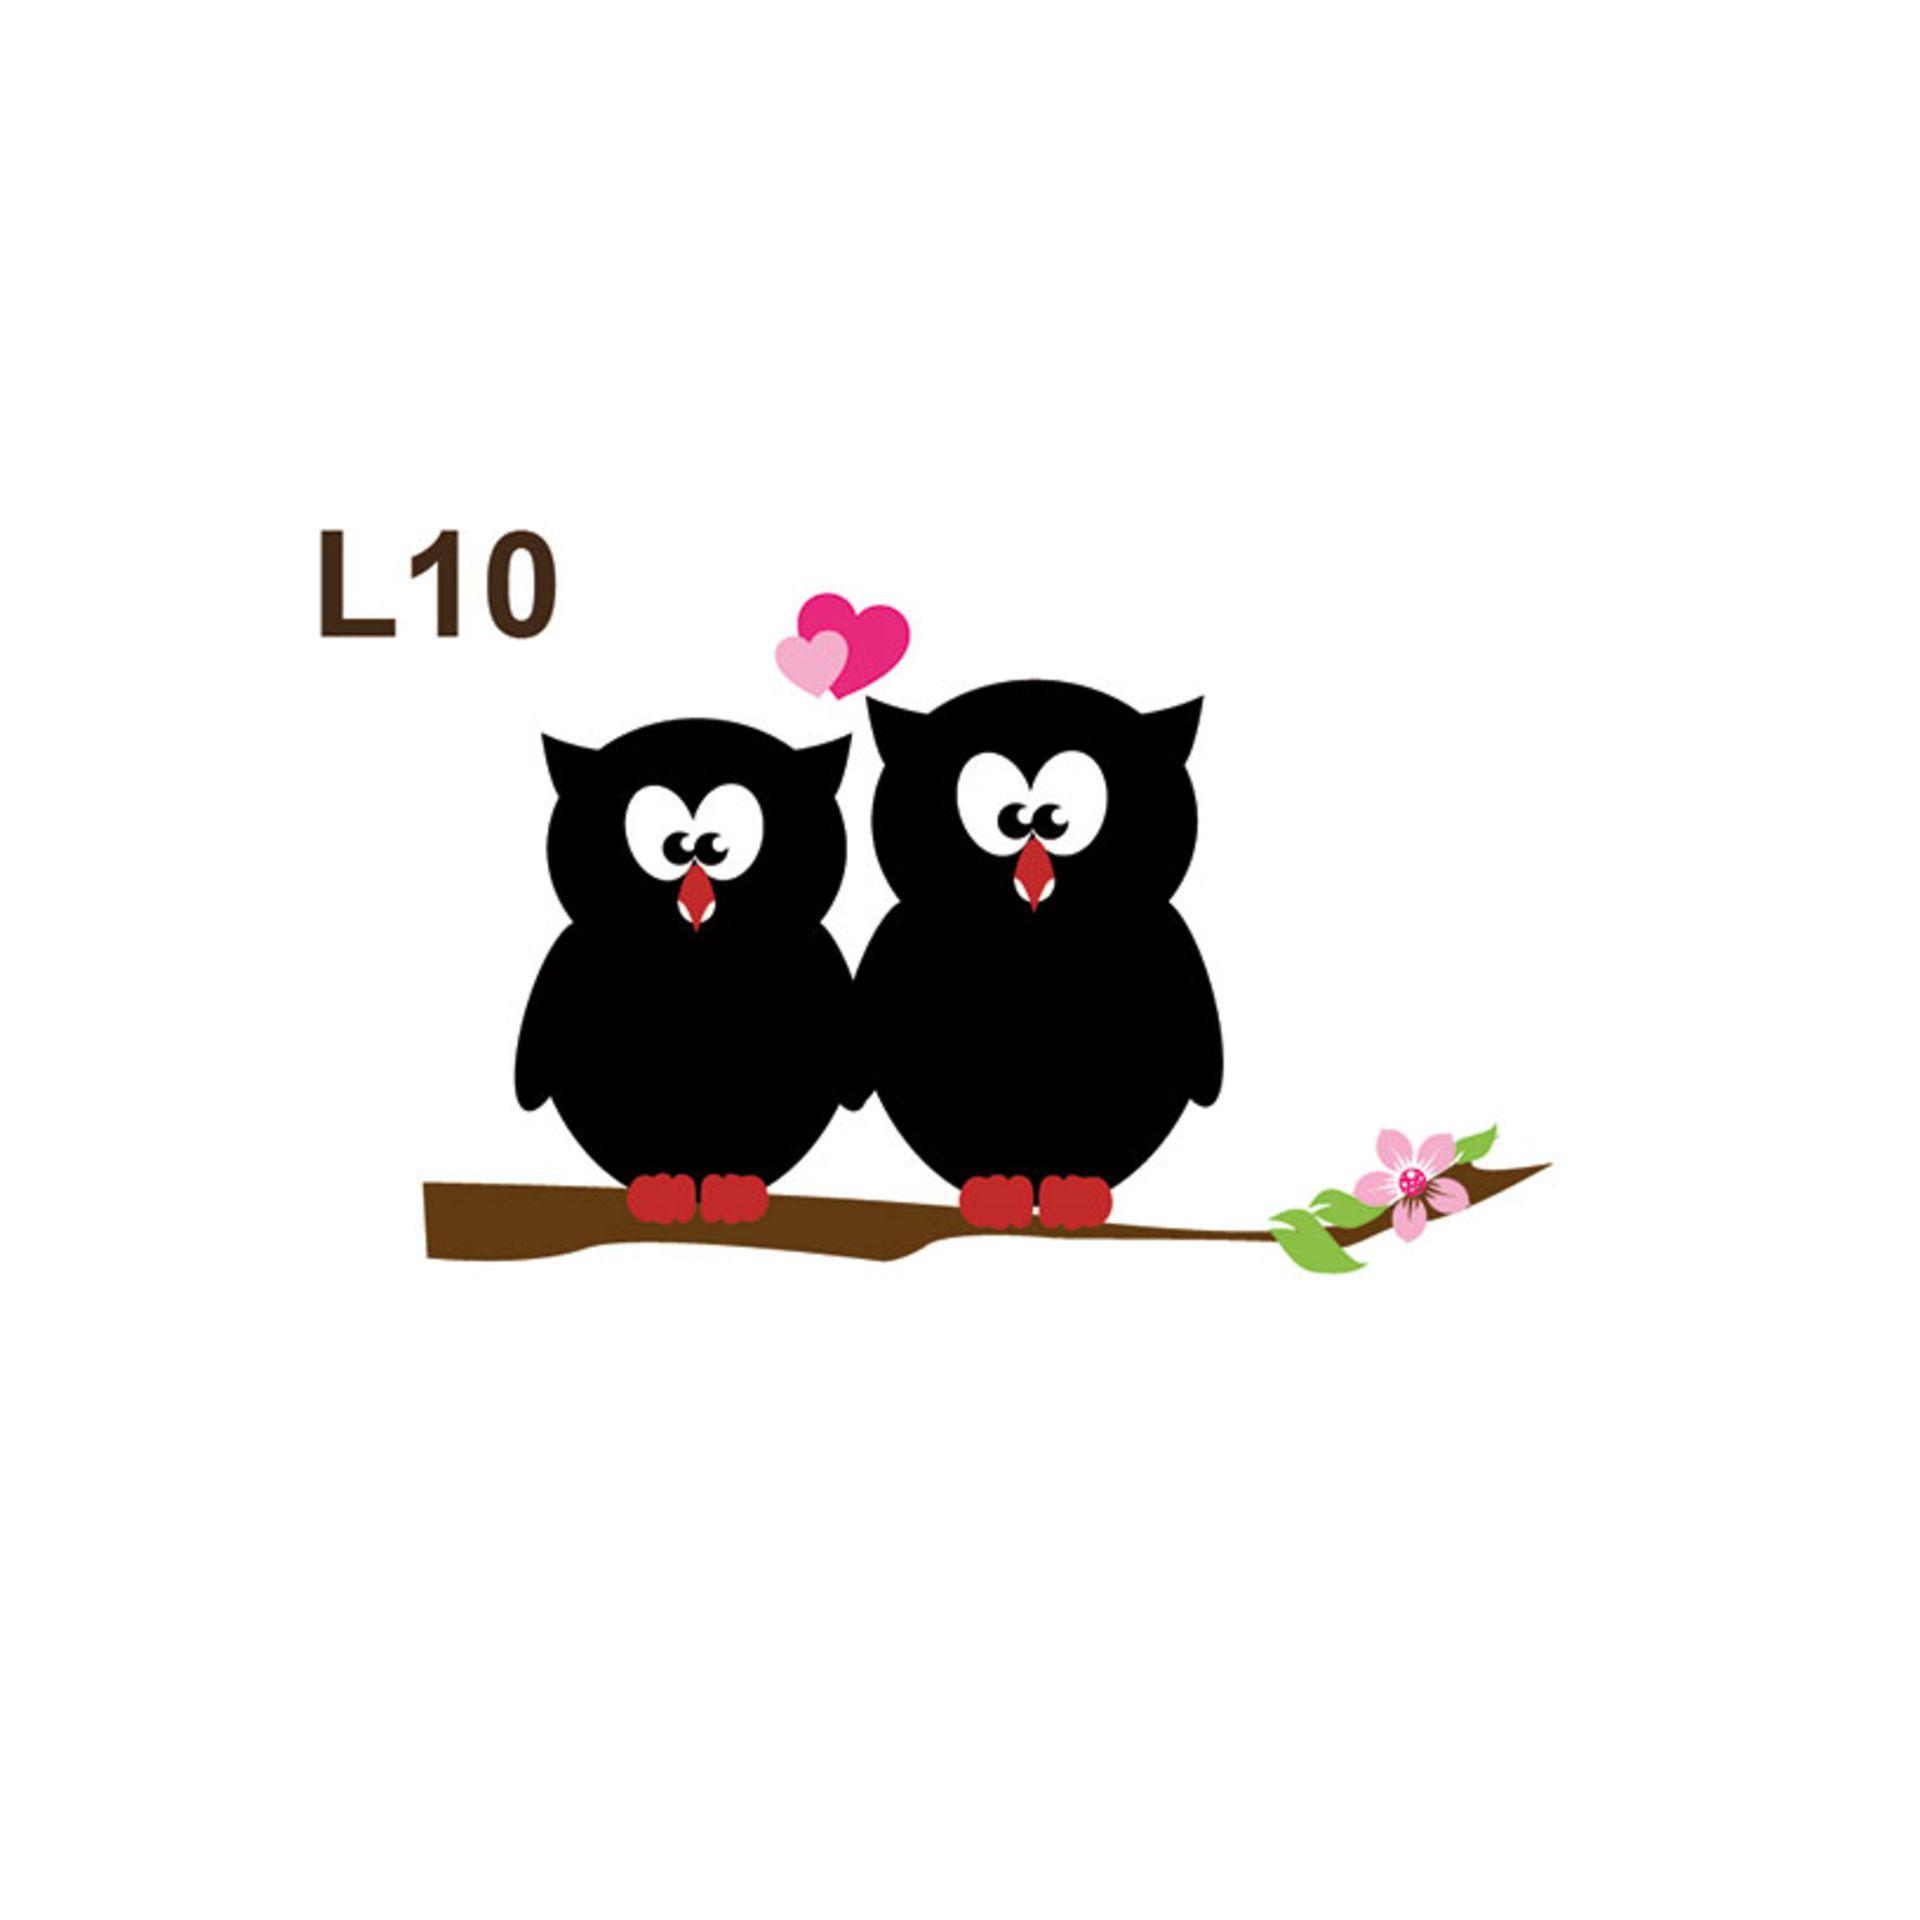 Logos für Lovebirds - Twittern Sie Ihre Liebe